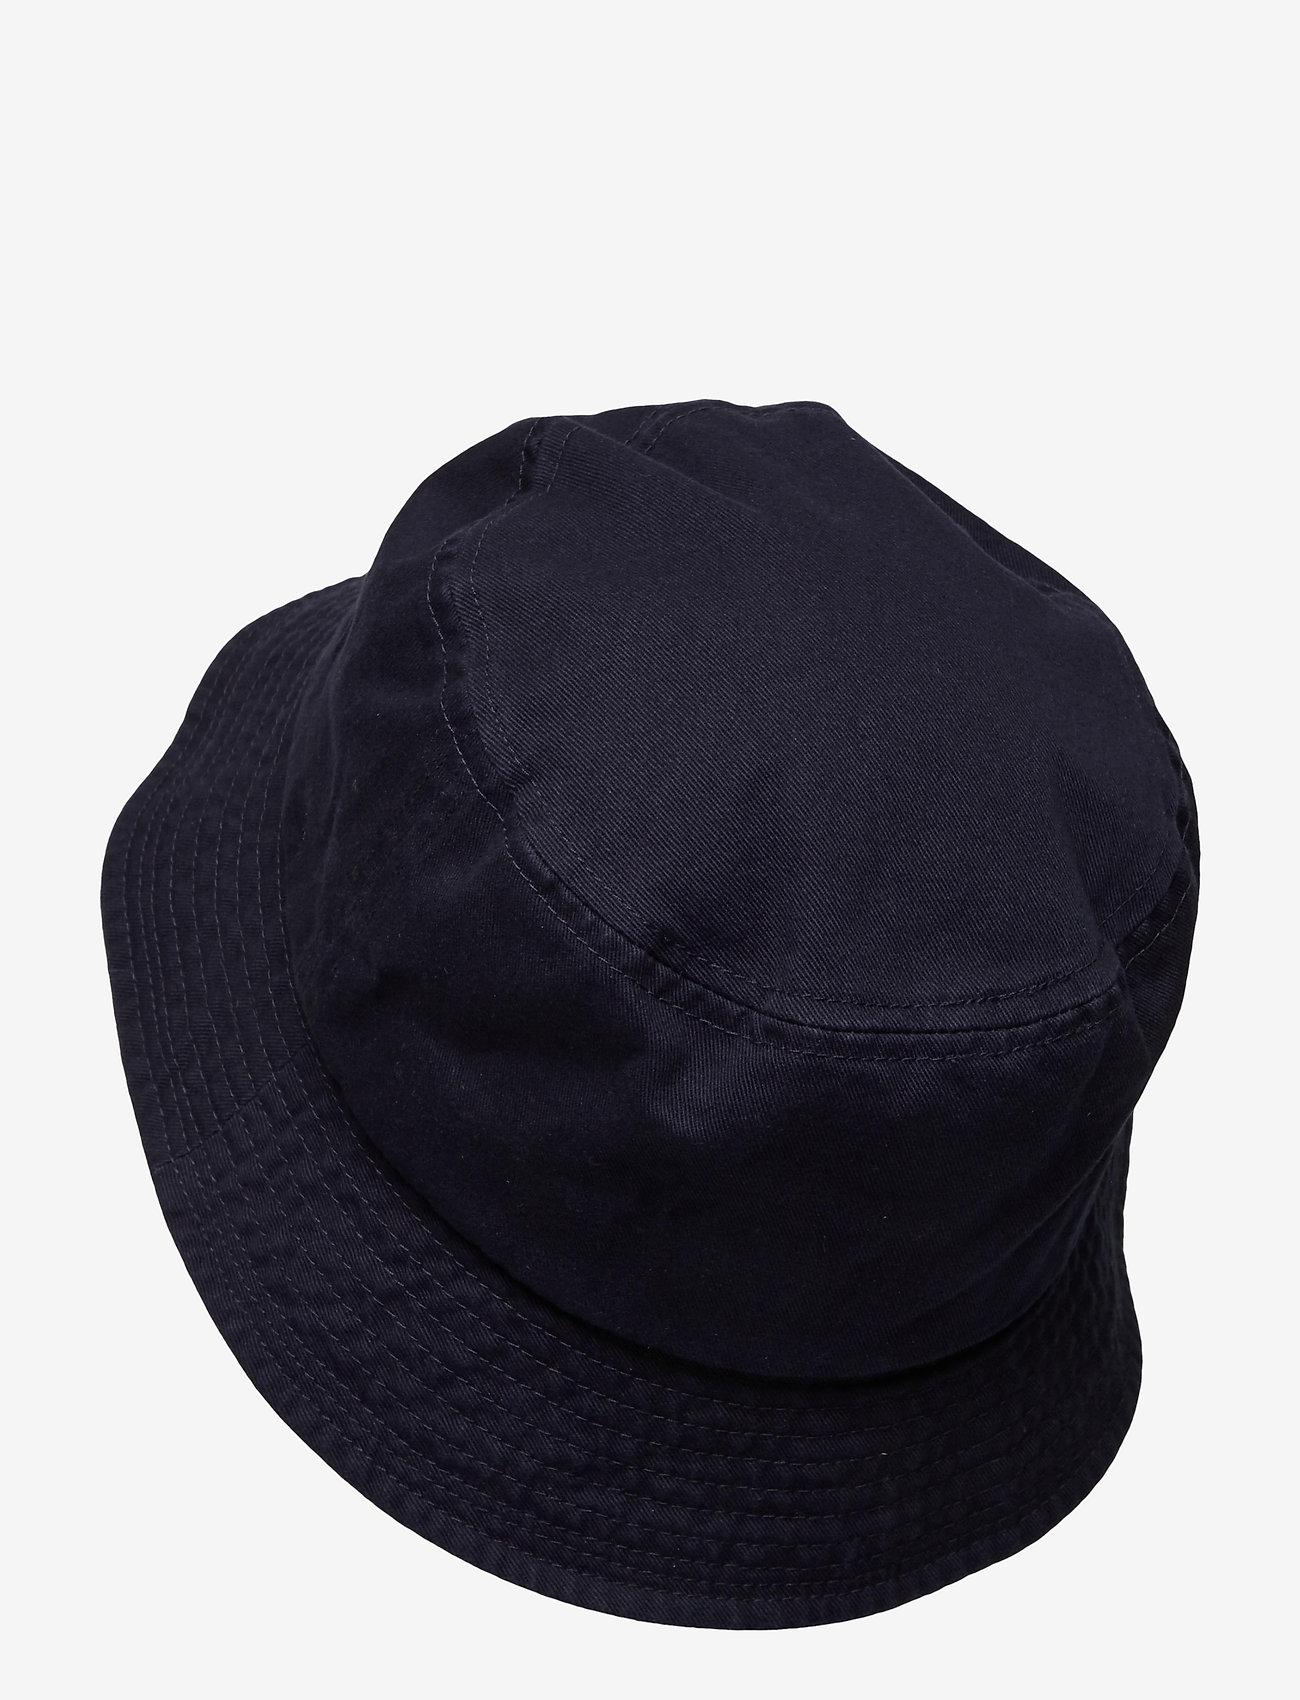 Kangol - KG WASHED BUCKET - bucket hats - navy - 1